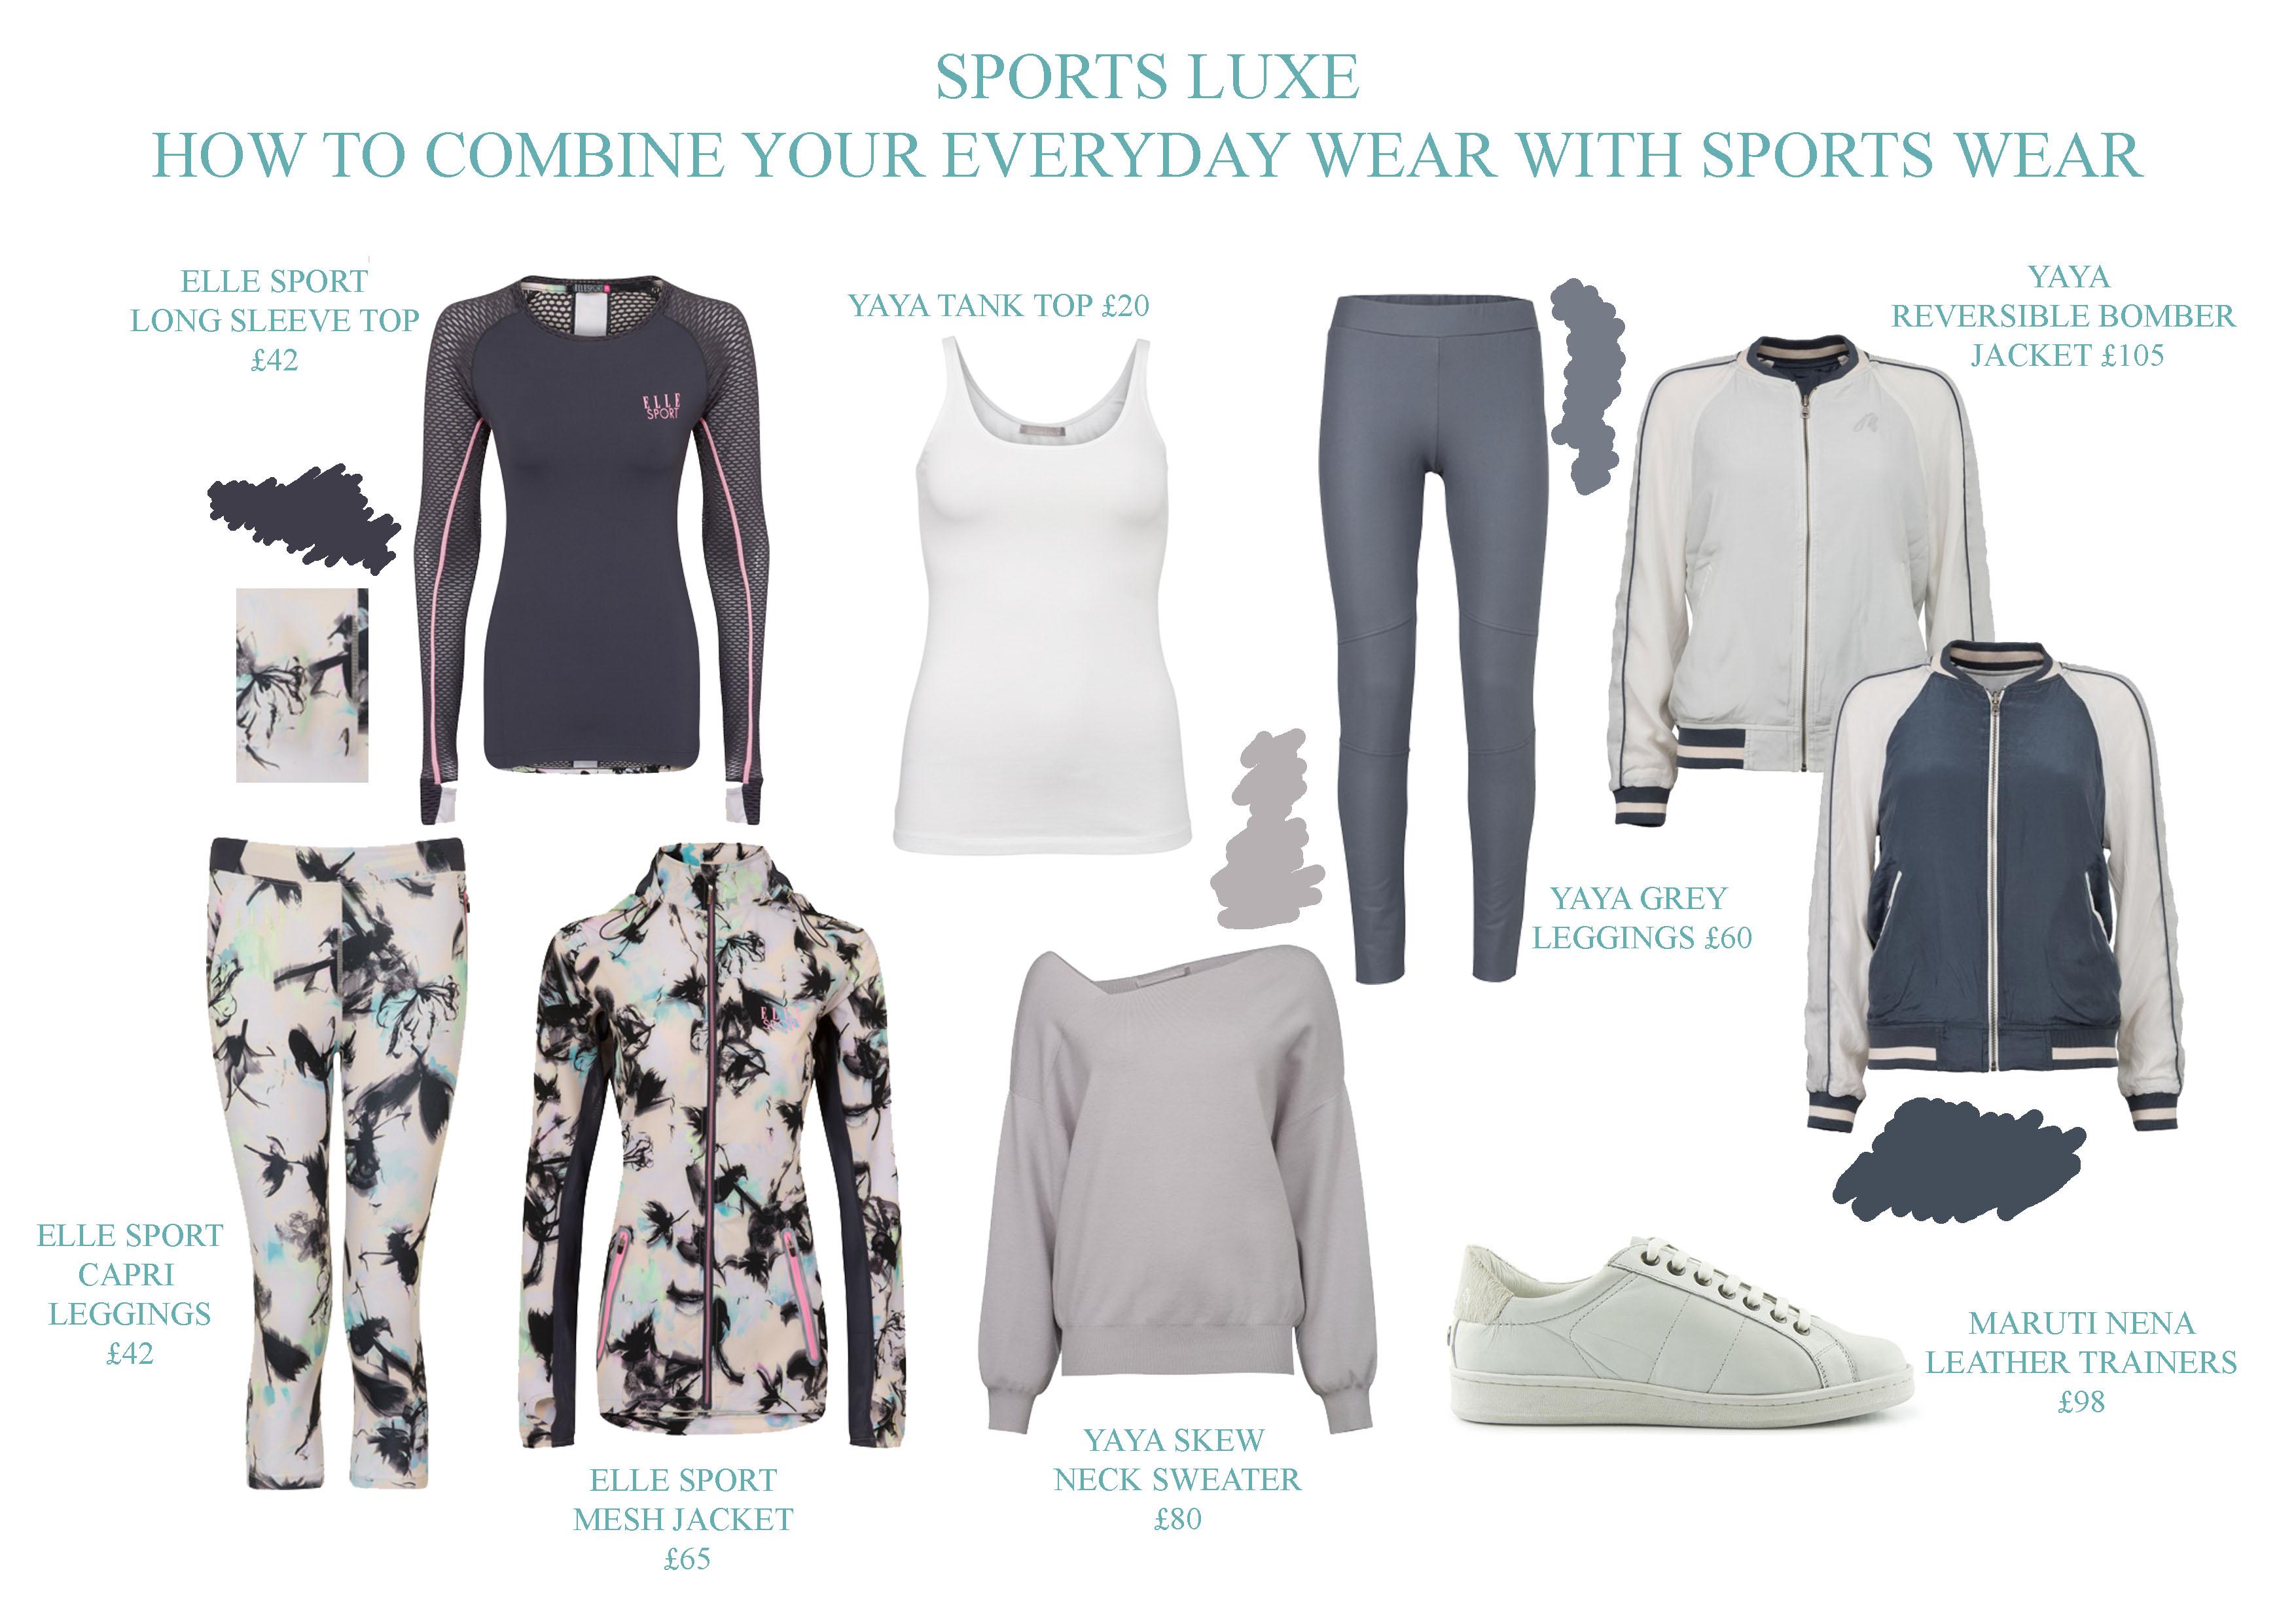 Sport & casual wear